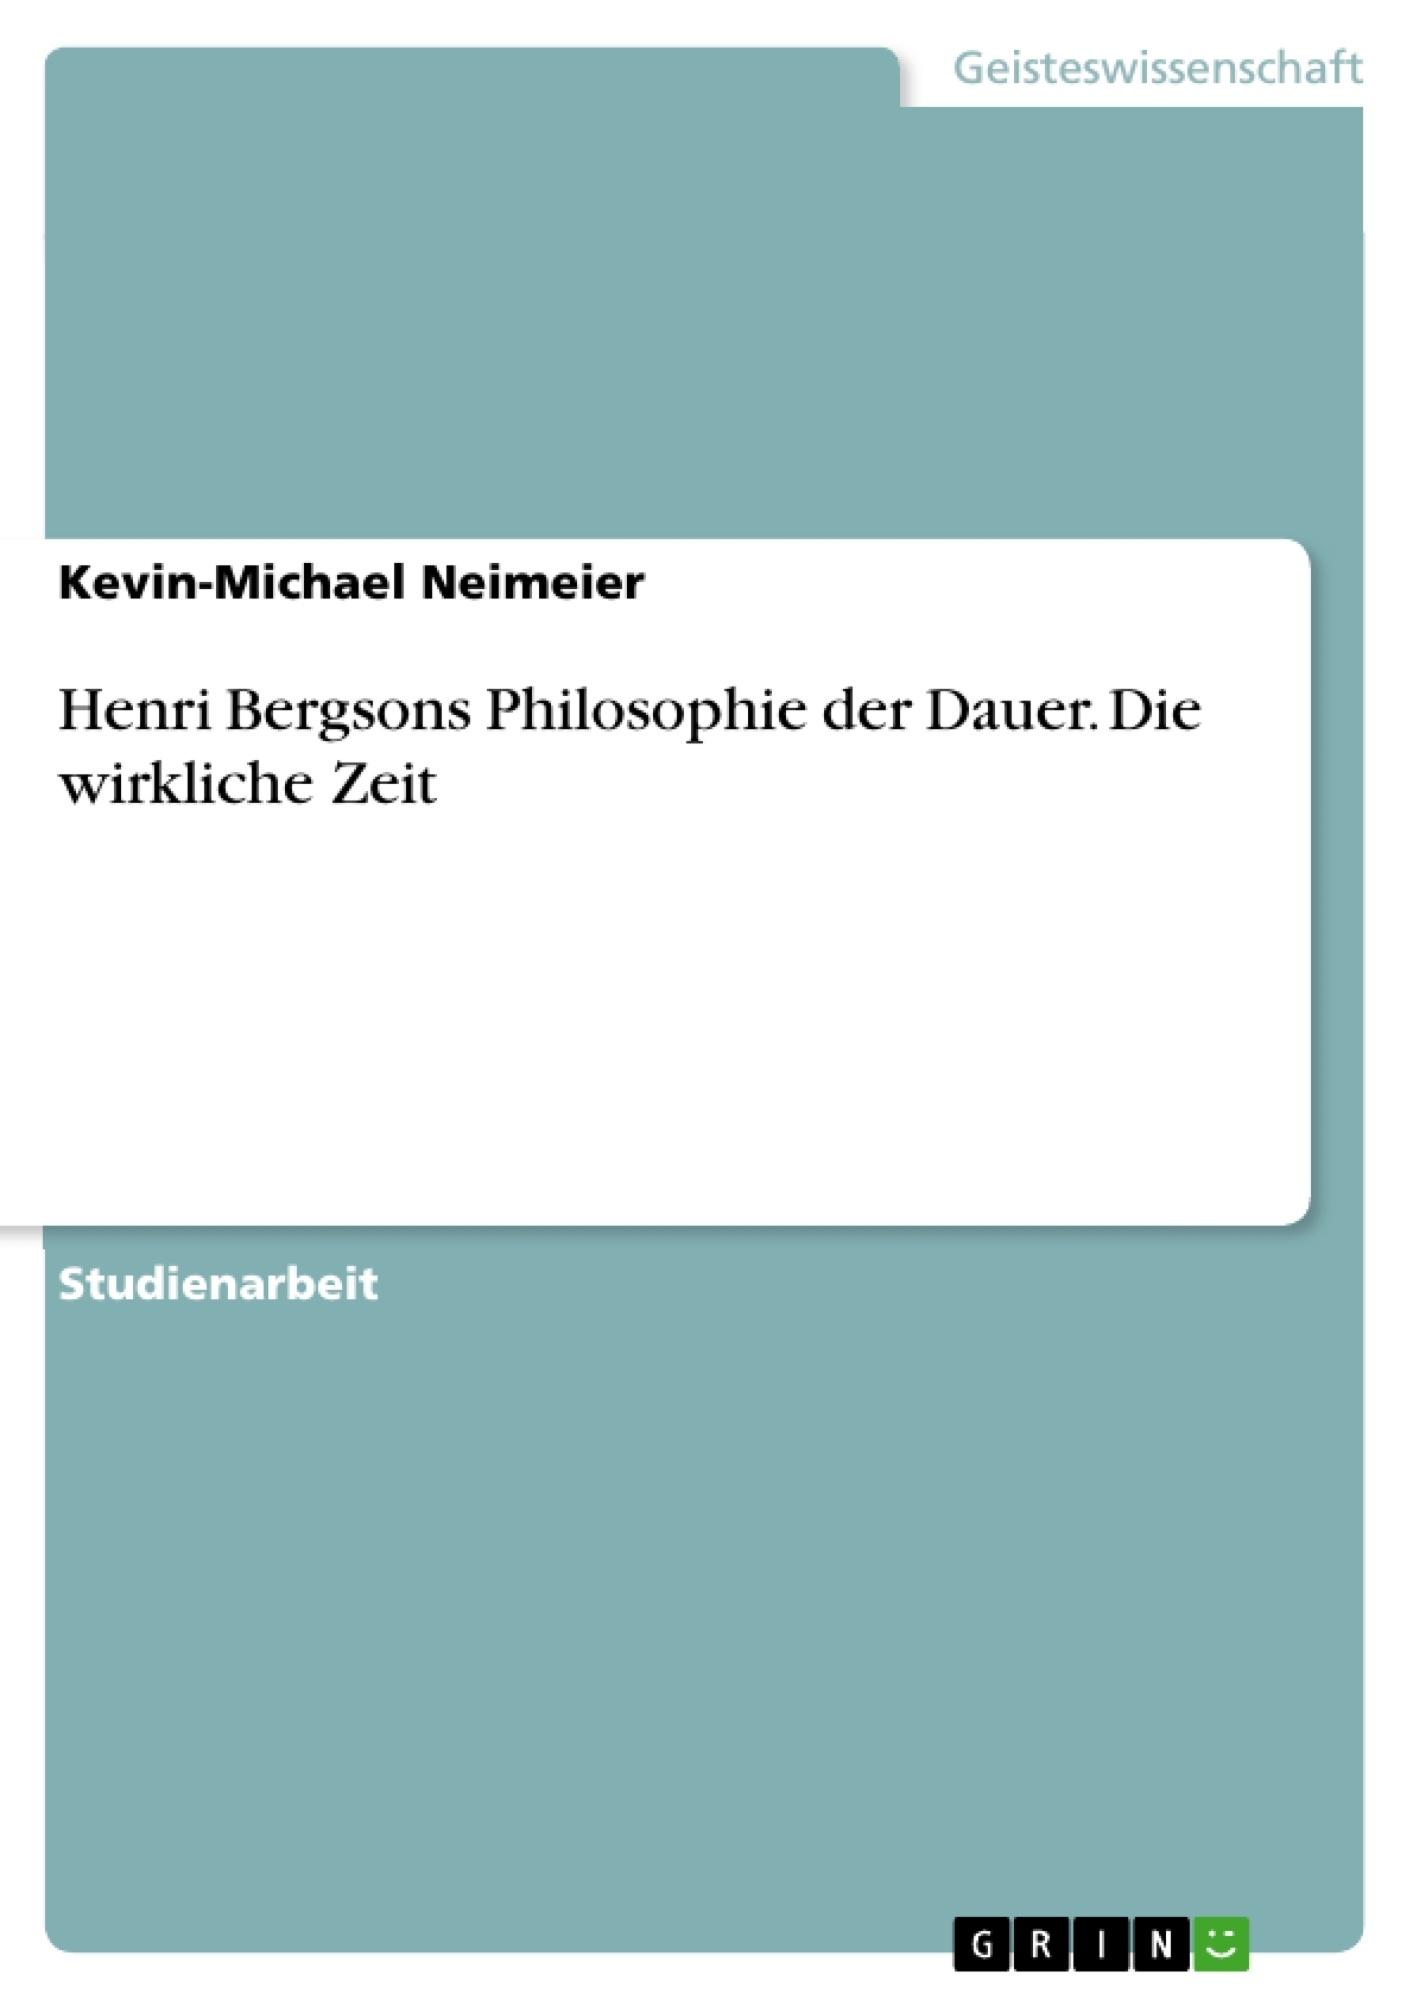 Titel: Henri Bergsons Philosophie der Dauer. Die wirkliche Zeit